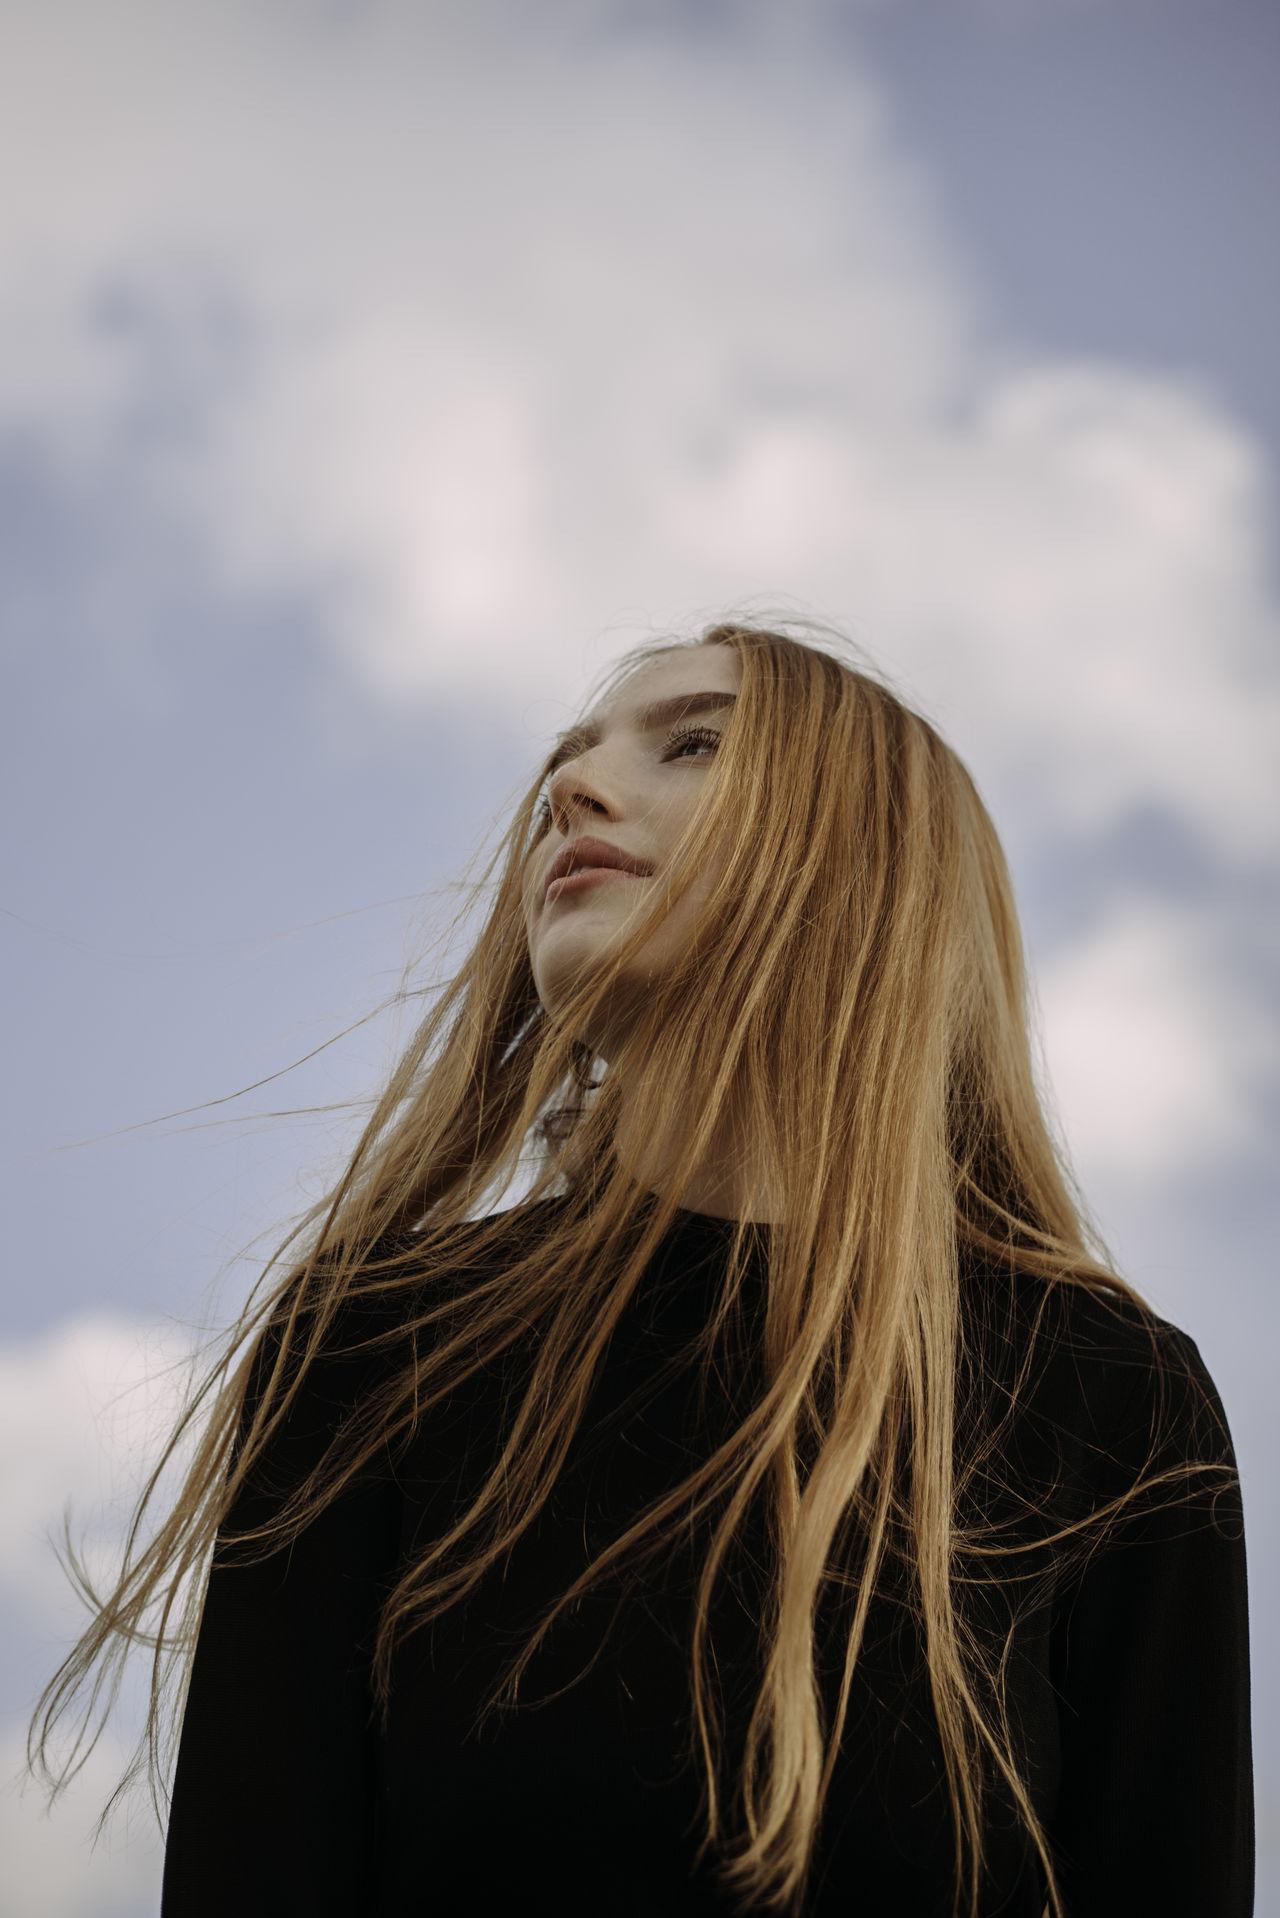 hair, long hair, one person, hairstyle, blond hair